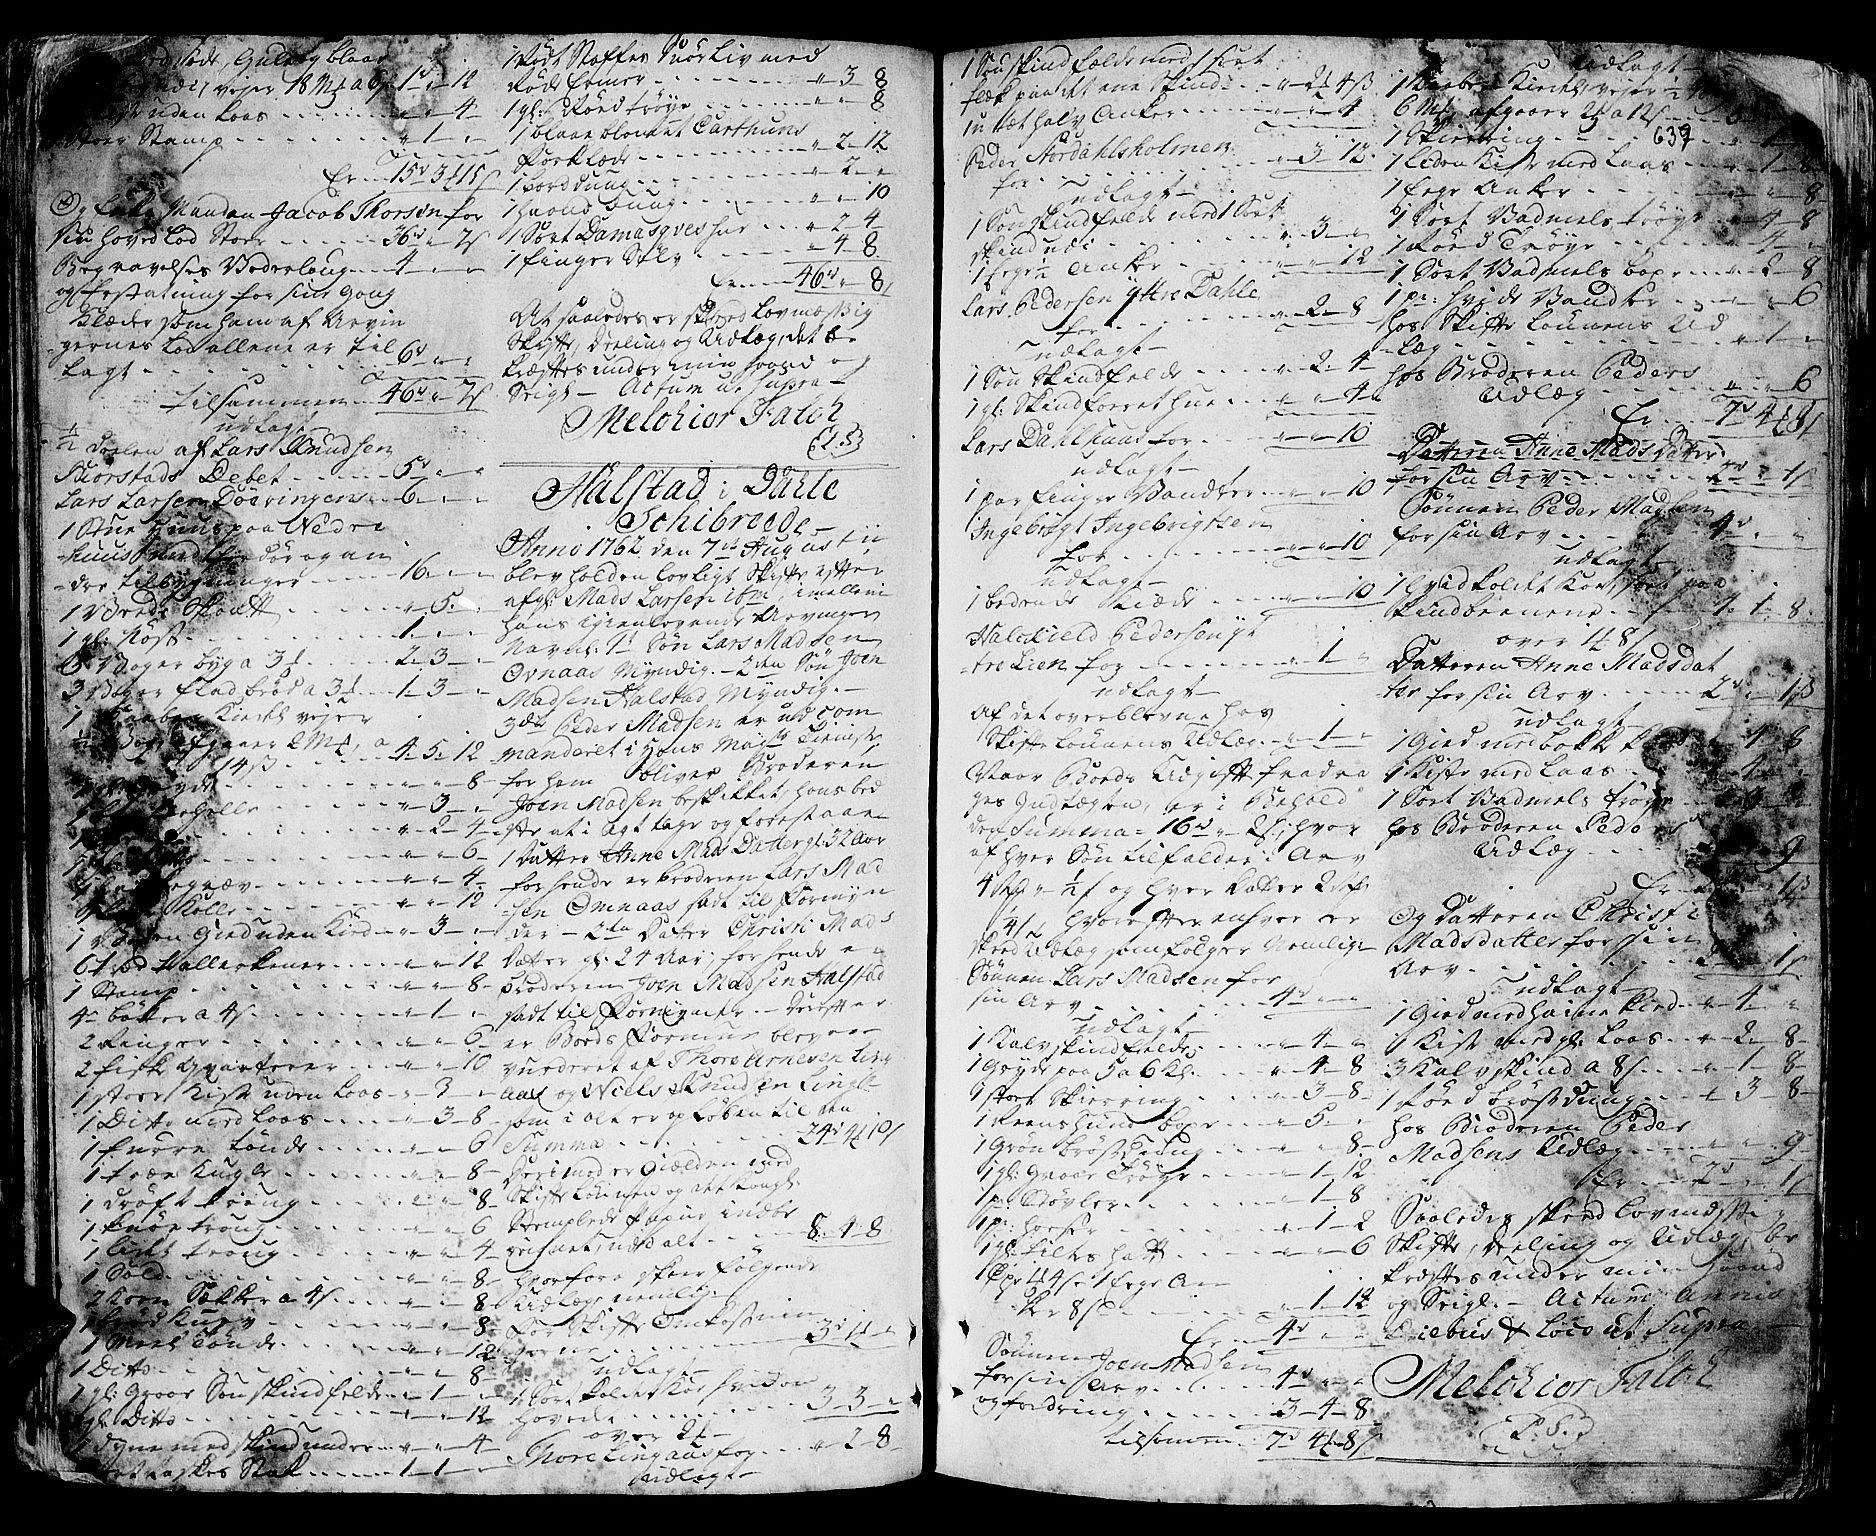 SAT, Sunnmøre sorenskriveri, 3/3A/L0020: Skifteprotokoll 14B, 1761-1763, s. 638b-639a